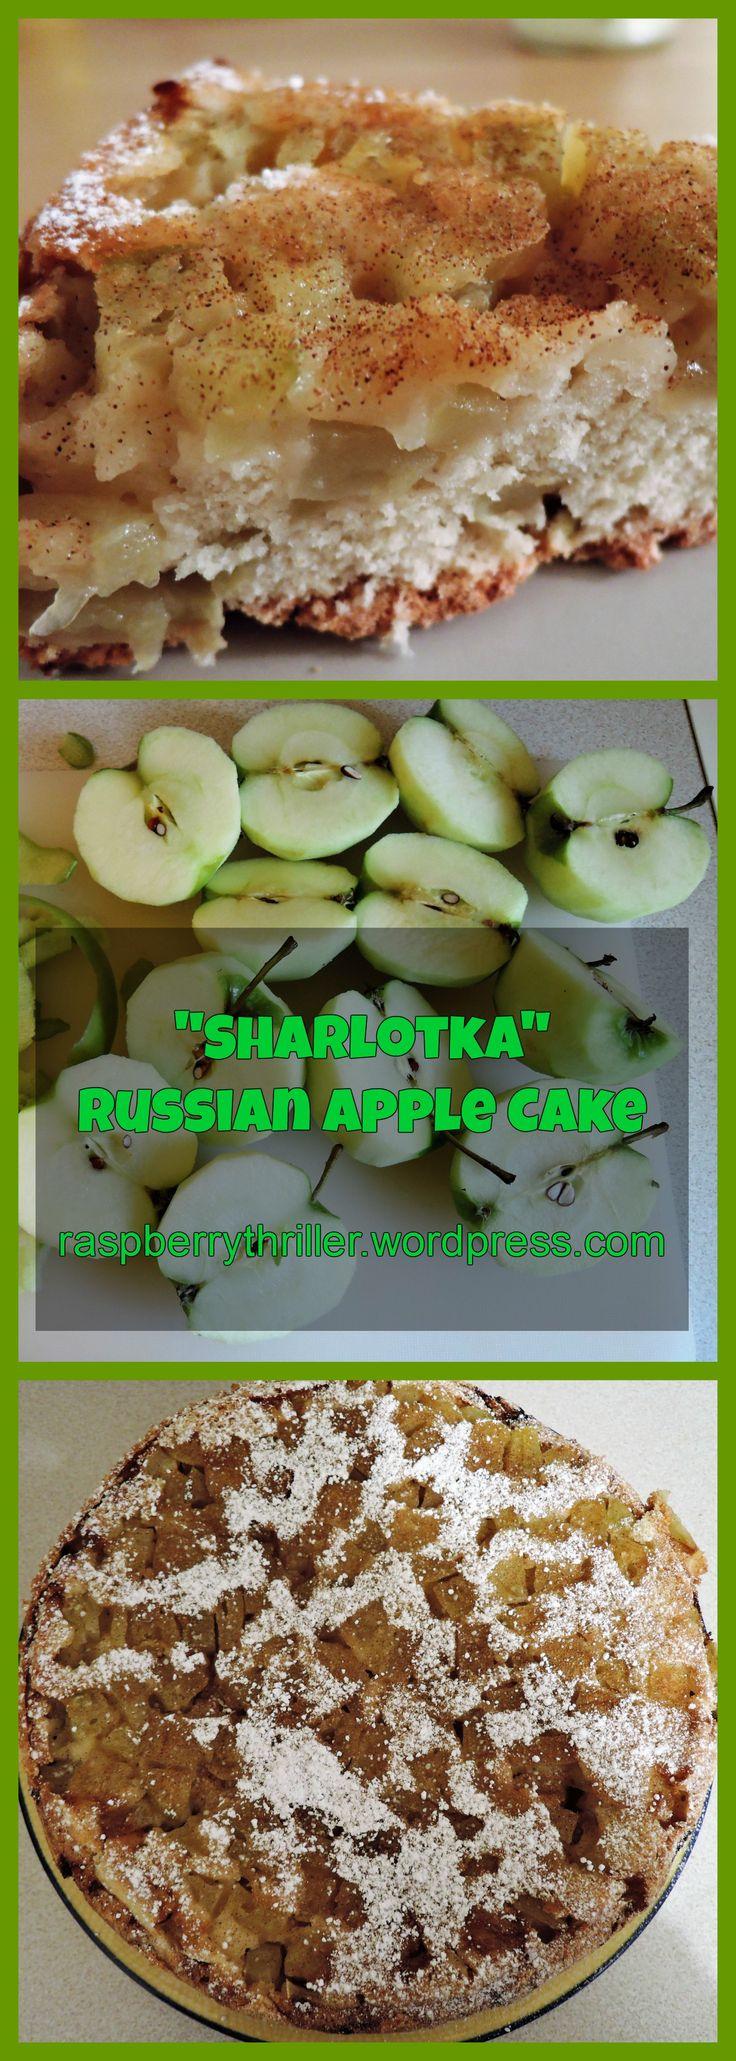 Sharlotka Russian Apple Cake